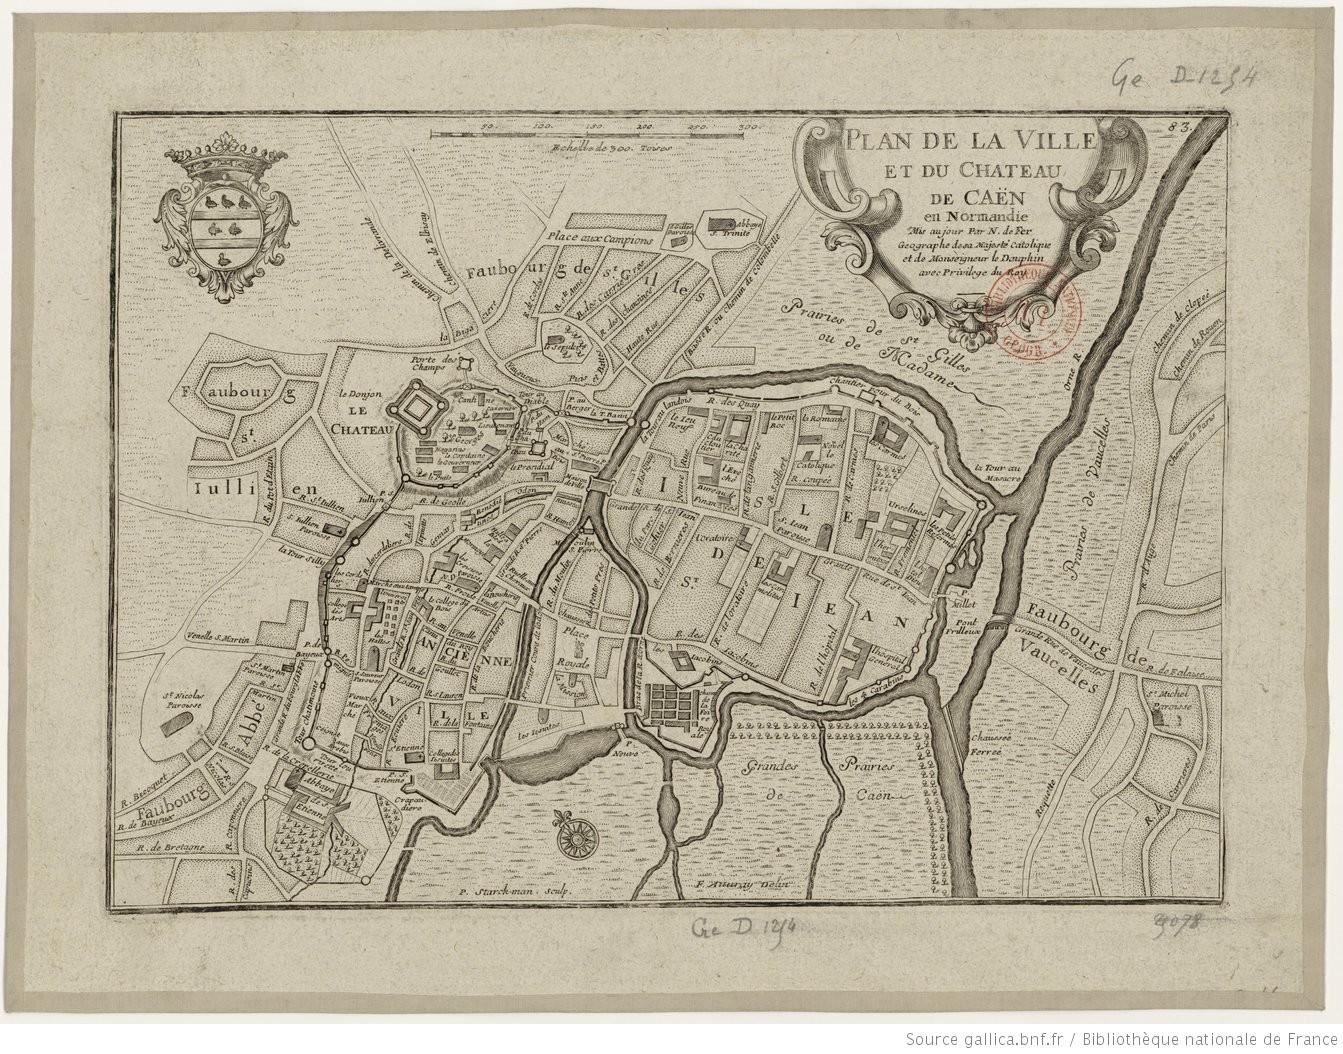 Plan de la ville et du château de Caen en Normandie